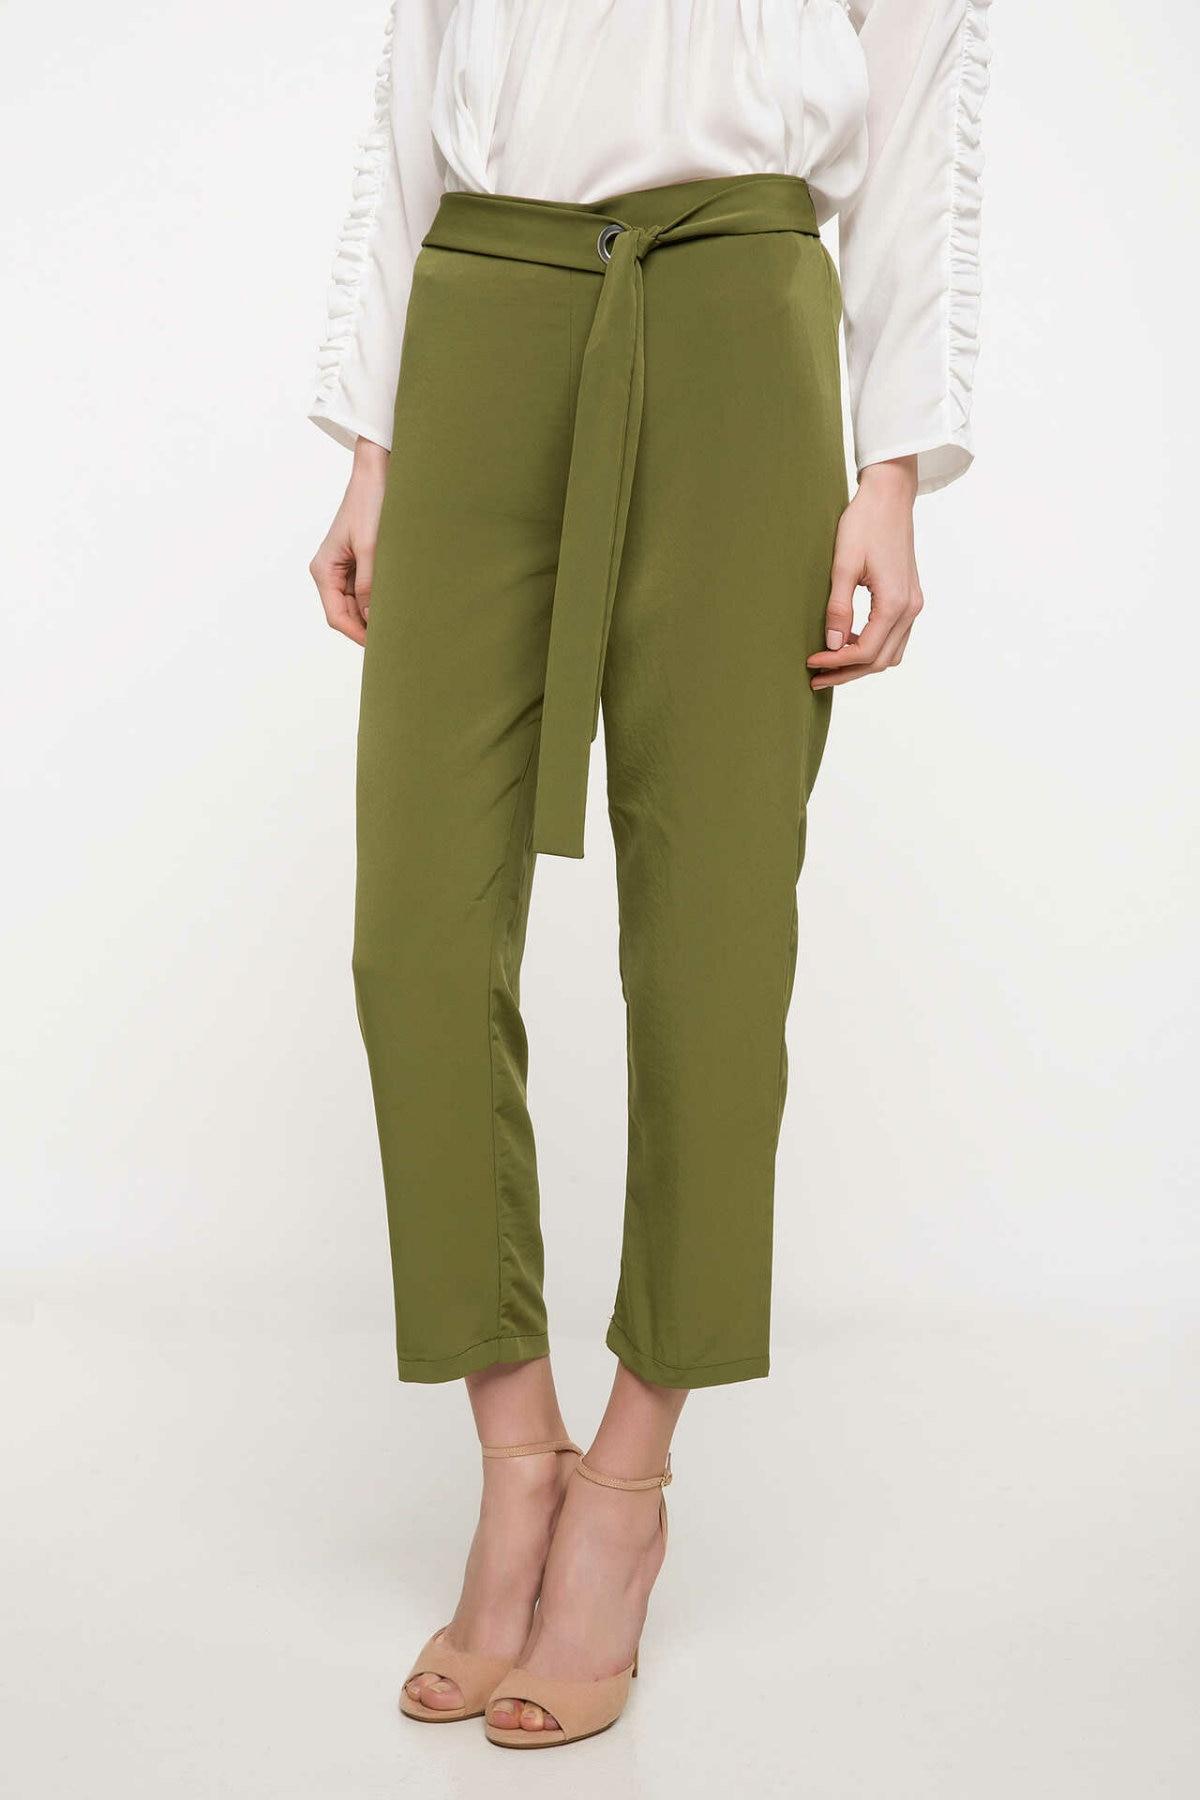 DeFacto Women Stylish Design Cargo Pants Women Belt Bottoms Solid Color OL Style Adjustable Trousers-J1119AZ18SP